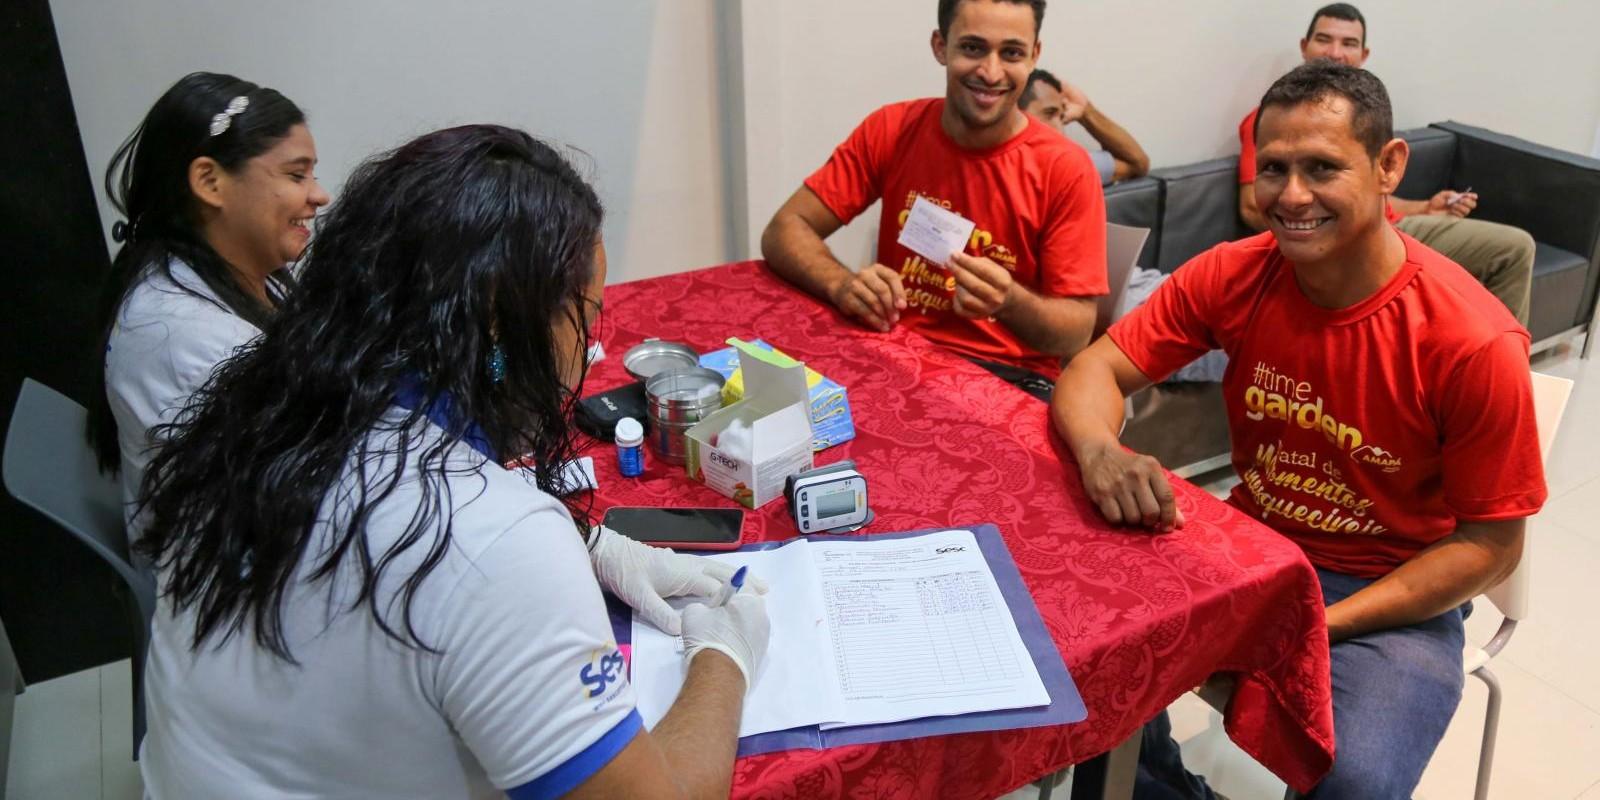 Educação em Saúde - Saúde do Trabalhador - Amapá Garden Shopping